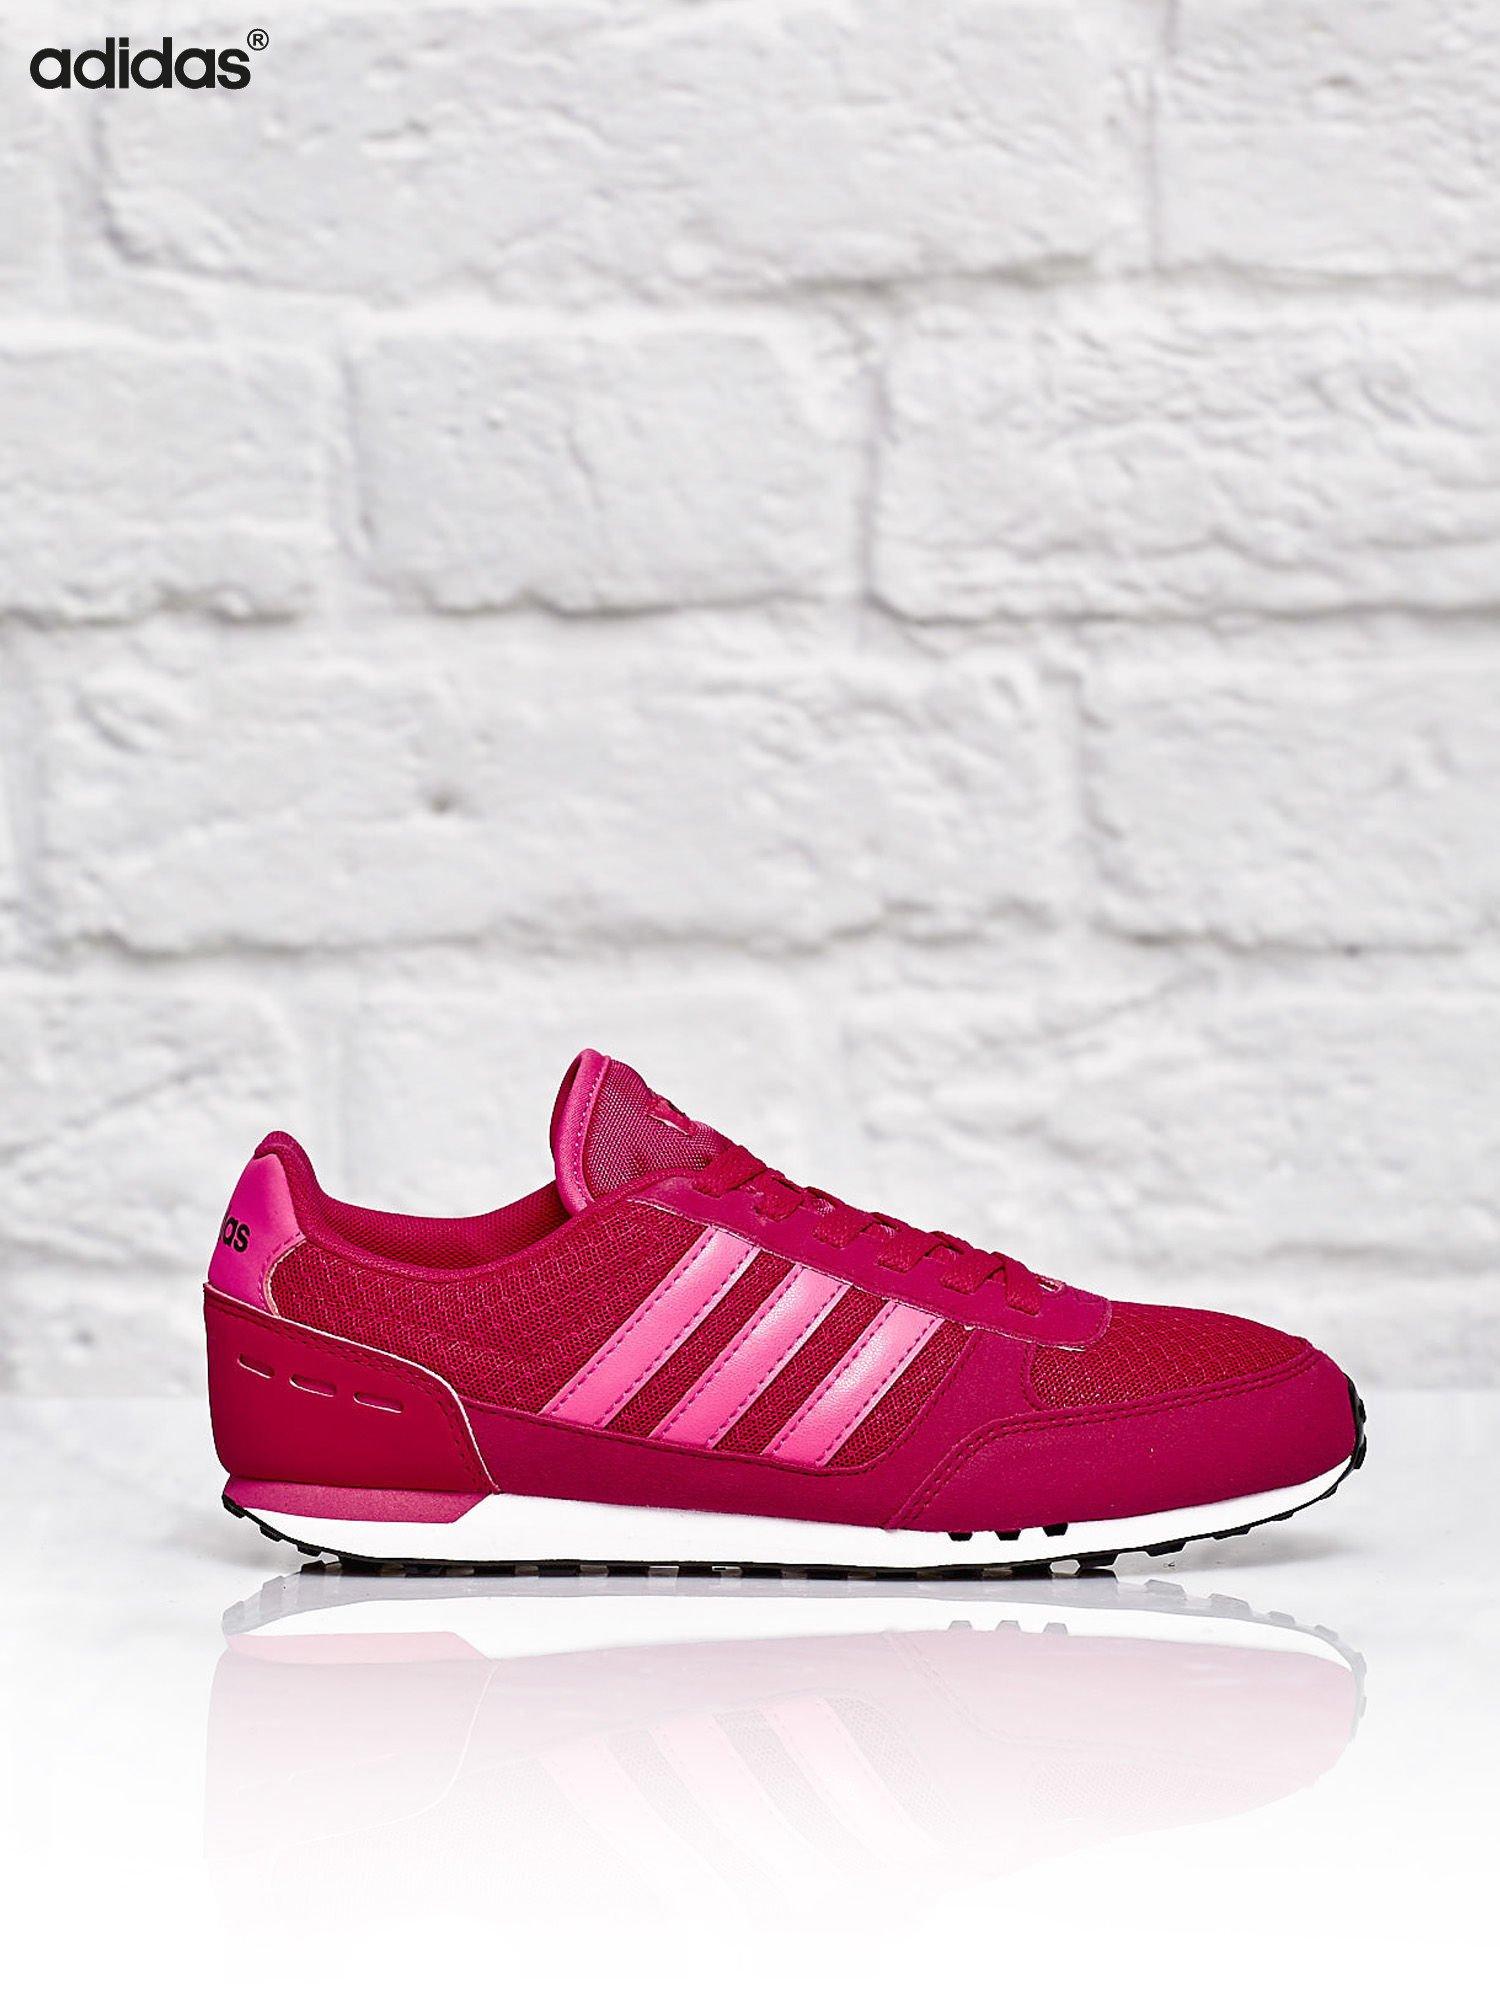 Buty sportowe damskie, modne i tanie adidasy ???sklep online